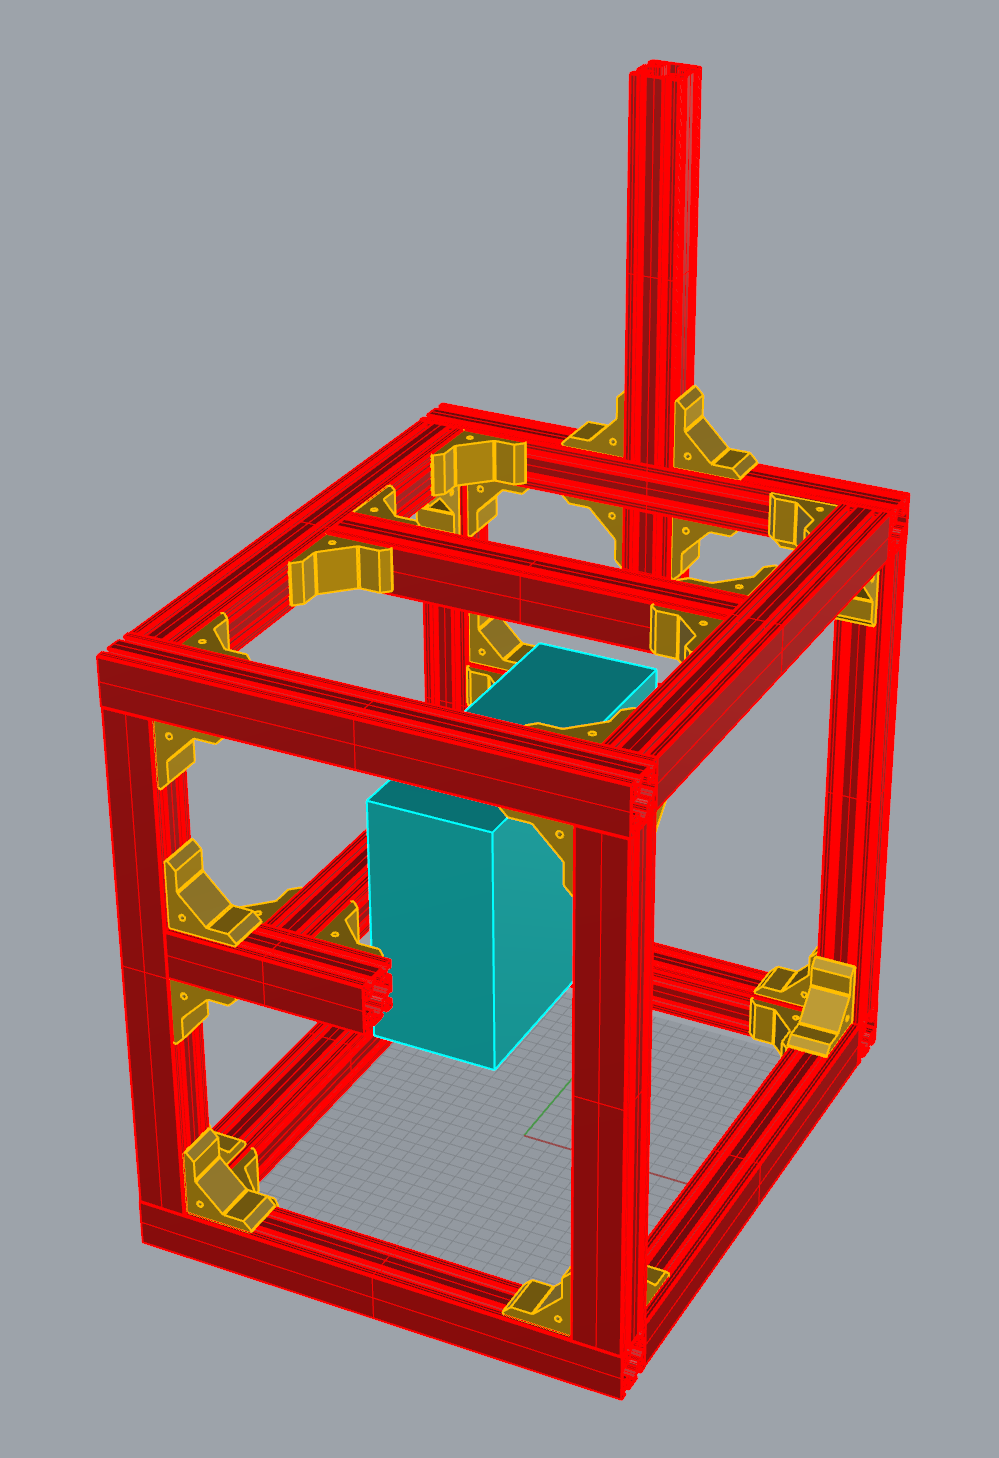 Rough CAD render of DLP printer in Rhinoceros